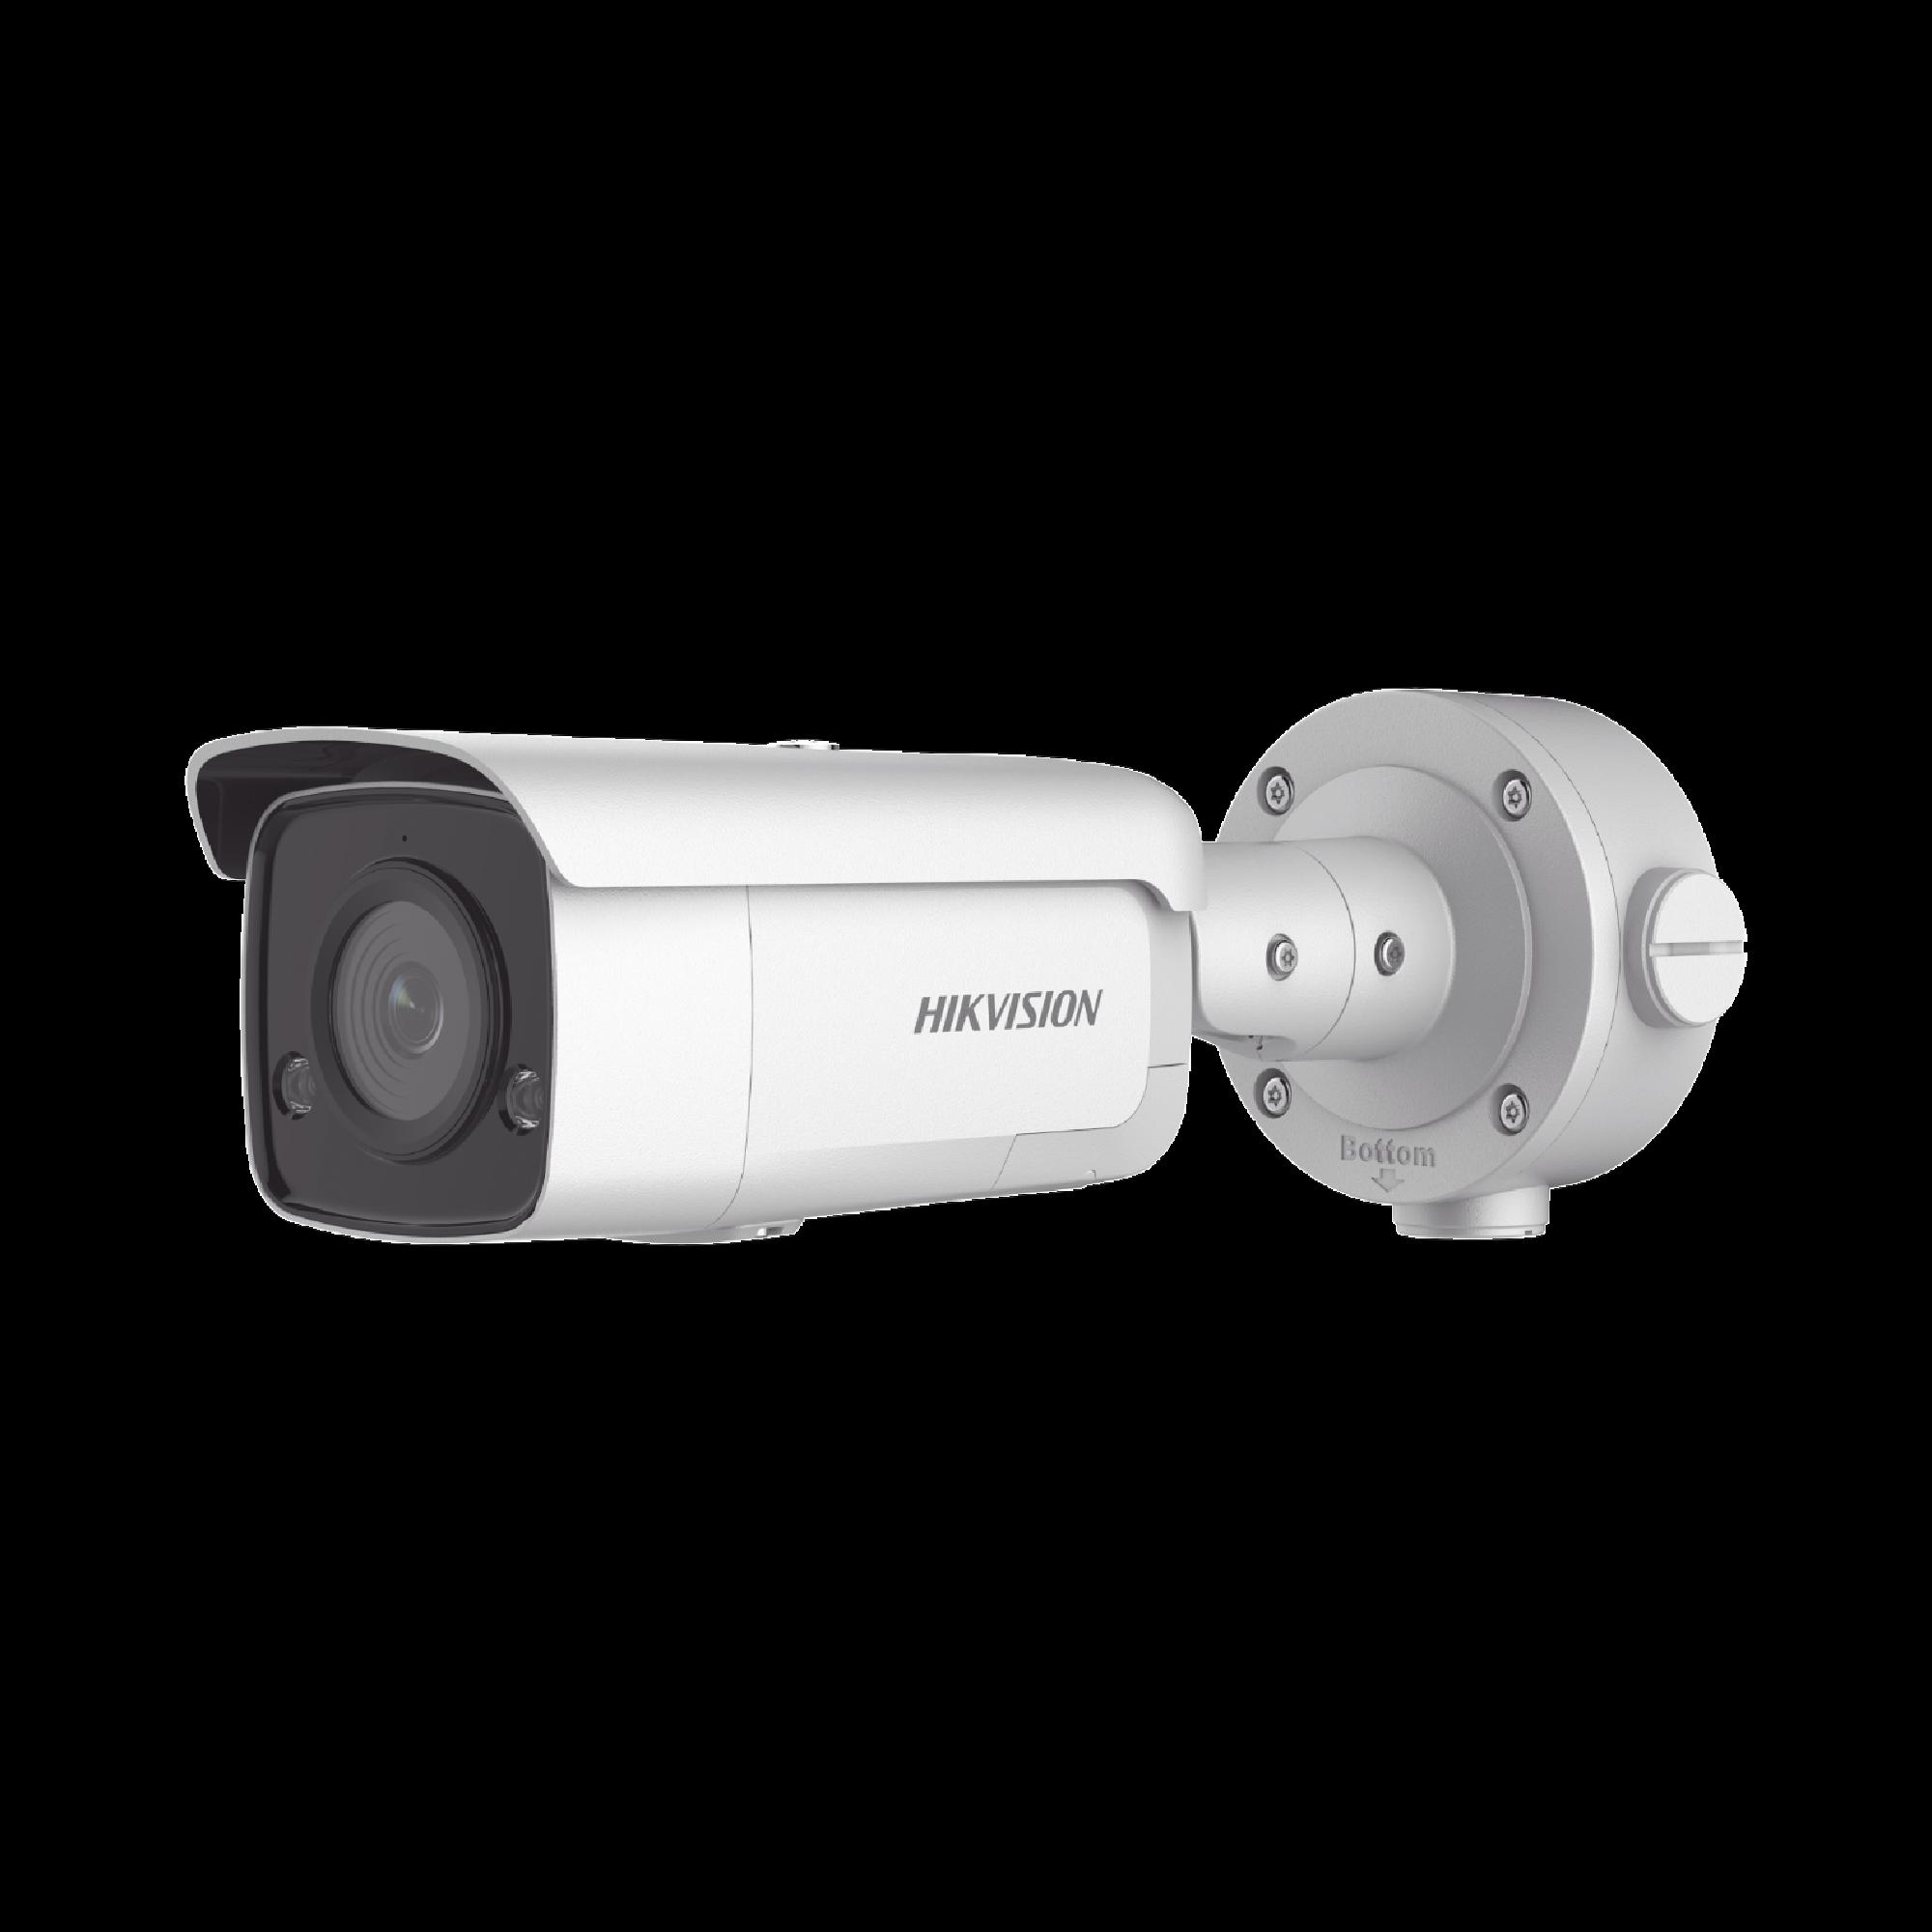 Bala IP 5 Megapixel / Lente 2.8 mm / 60 mts IR EXIR / Exterior IP66  / WDR 120 dB / PoE + / Micrófono y Bocina Integrada / Videoanaliticos Integrados (Evita Falsas Alarmas)